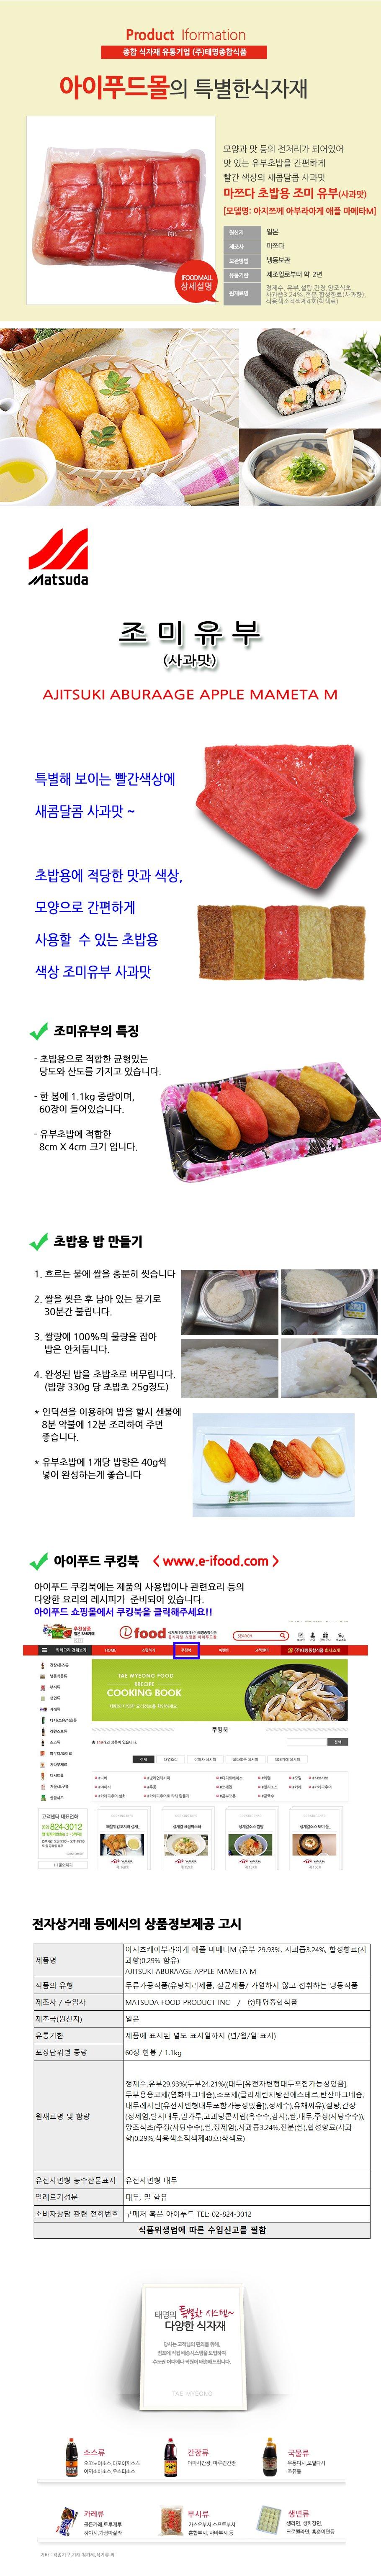 초밥용 유부 애플.jpg